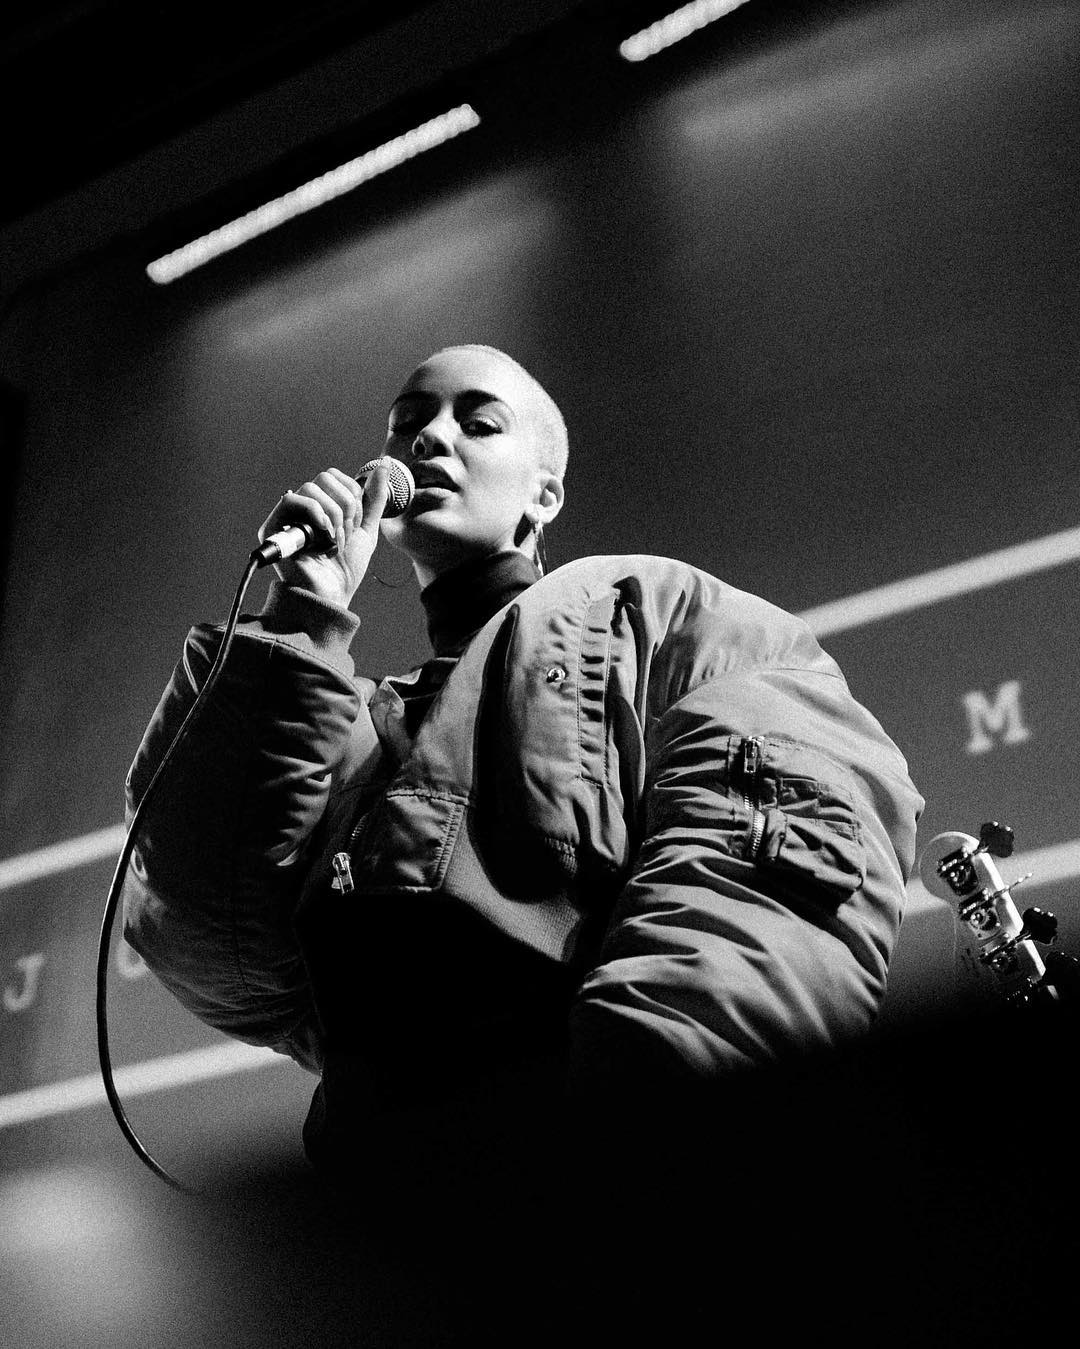 Рэпер Дрэйк начал серьезные отношения с19-летней эстрадной певицей из Британии